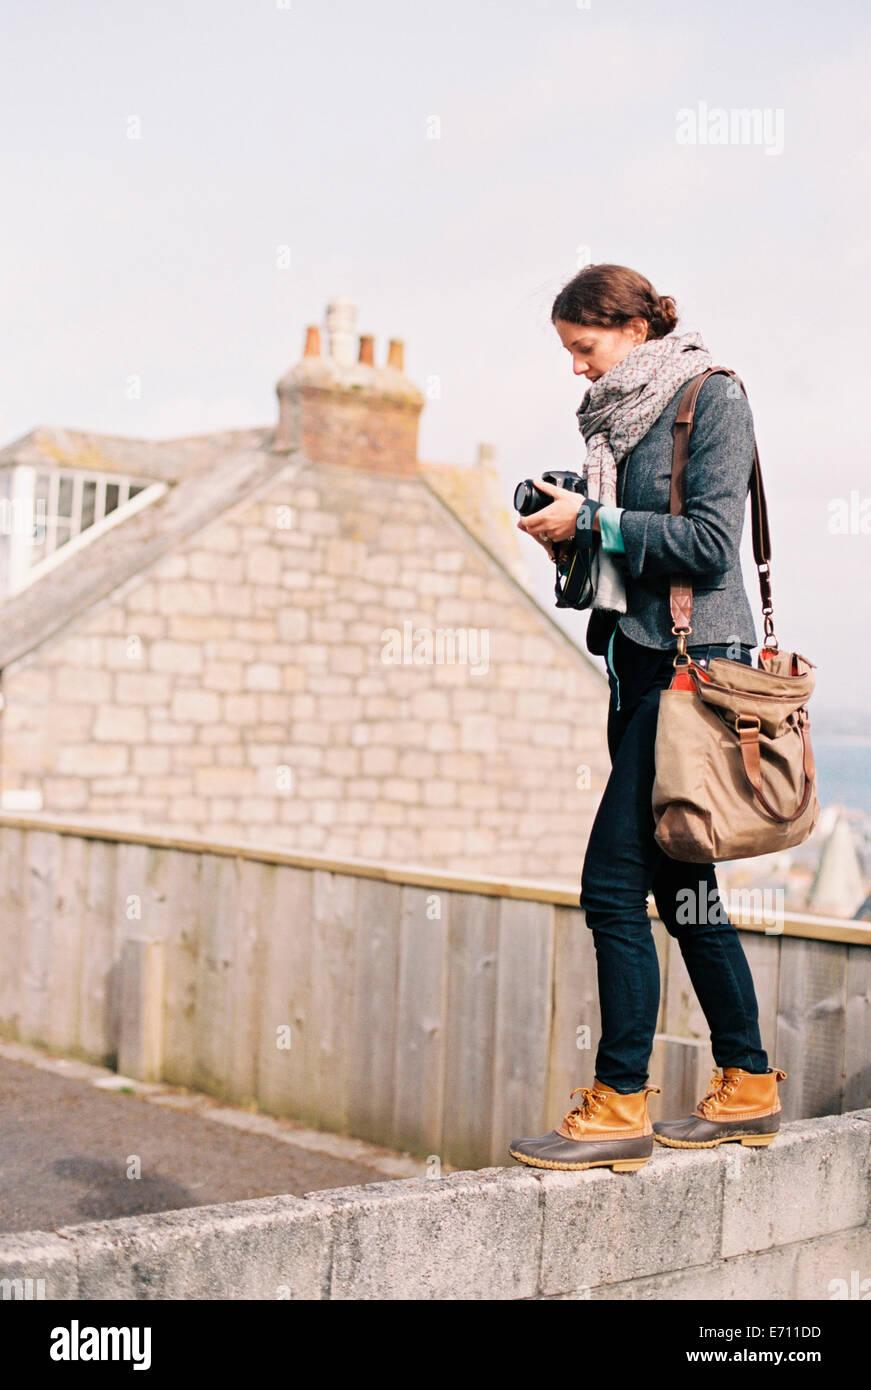 Eine Frau mit einem großen Beutel mit einer Kamera stehen auf die Oberseite der Wand. Stockbild